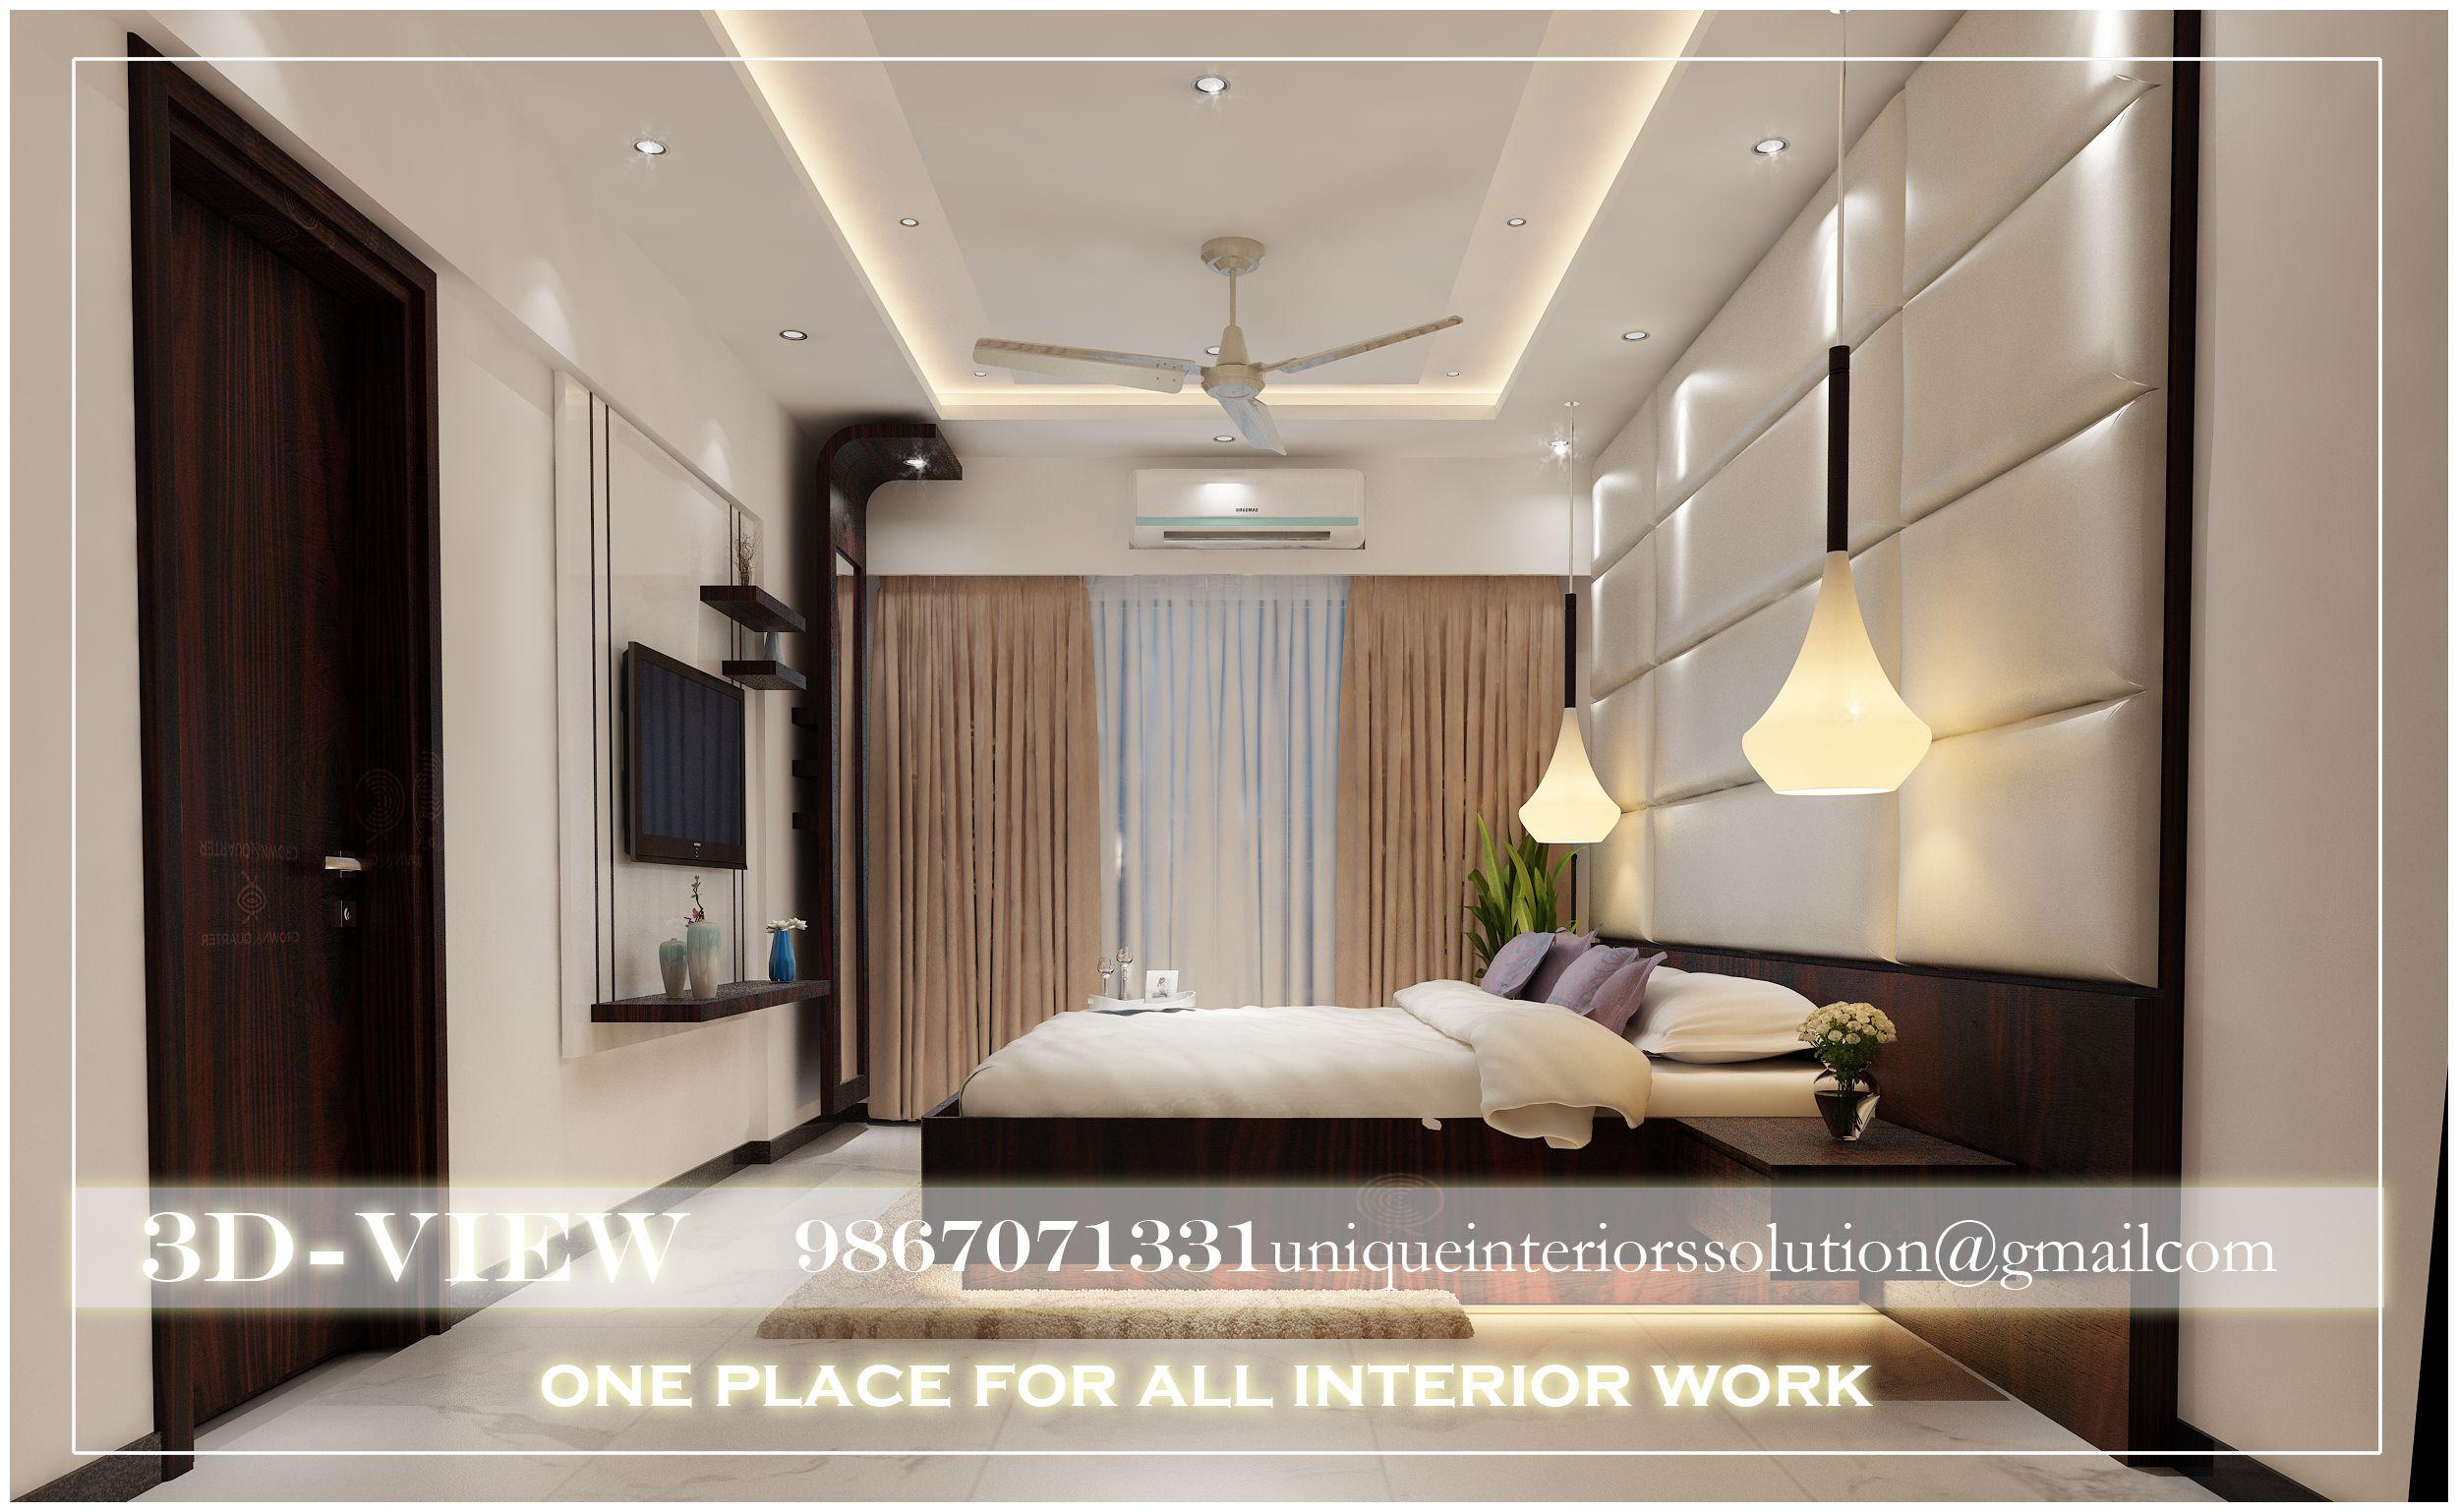 Interior Designers In Mumbai Find The Best Residential